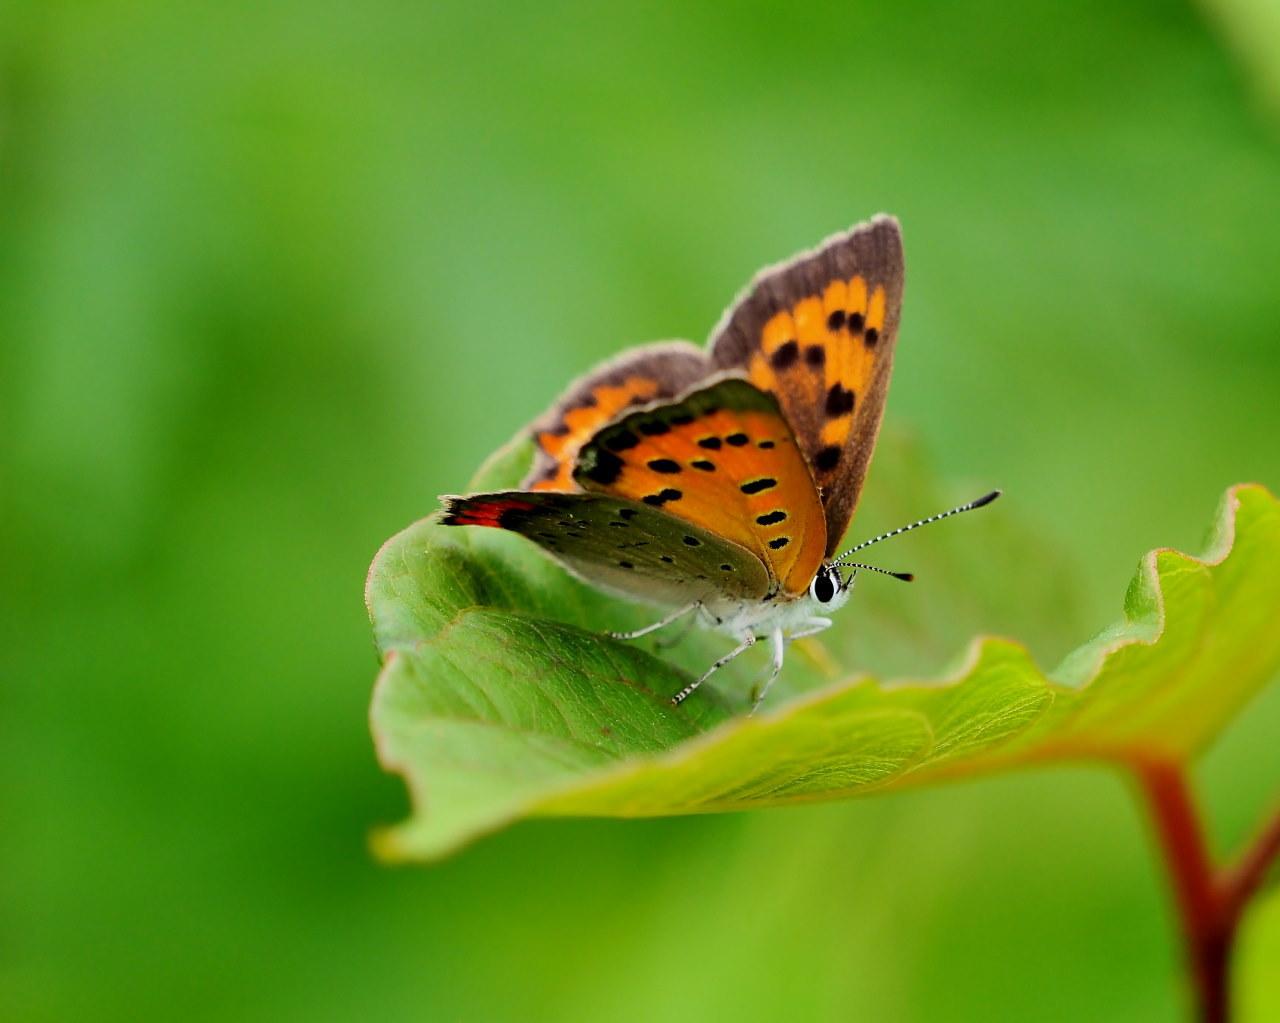 榛名湖畔で避暑がてら おもに虫撮り_c0305565_17314245.jpg